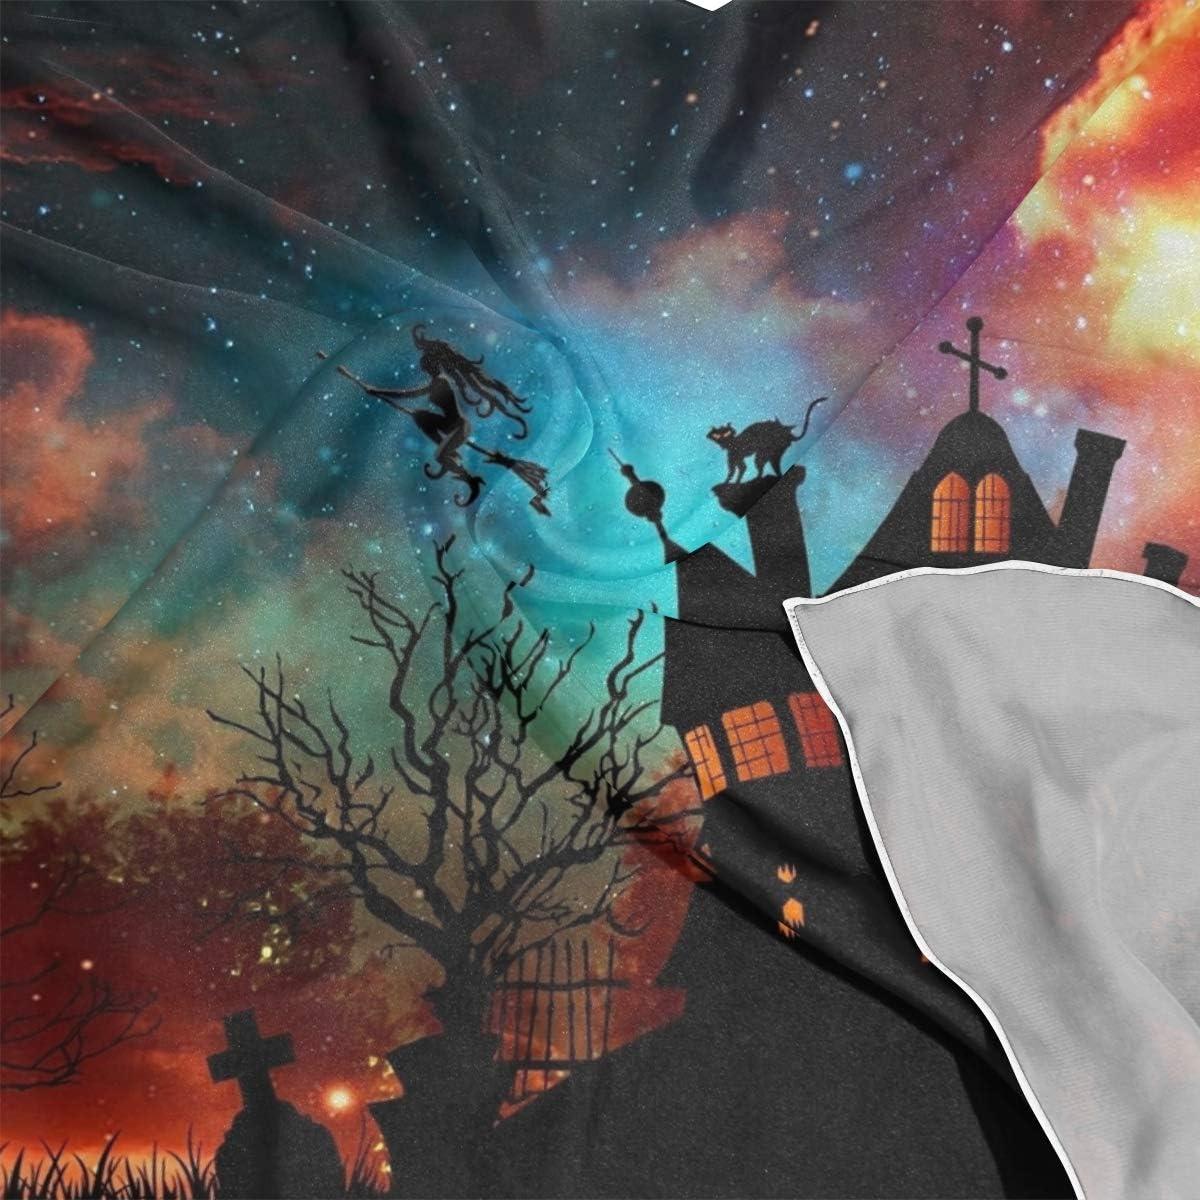 LUPINZ /Écharpe en soie pour femme Happy Halloween Day carr/é 23,6 x 23,6 cm